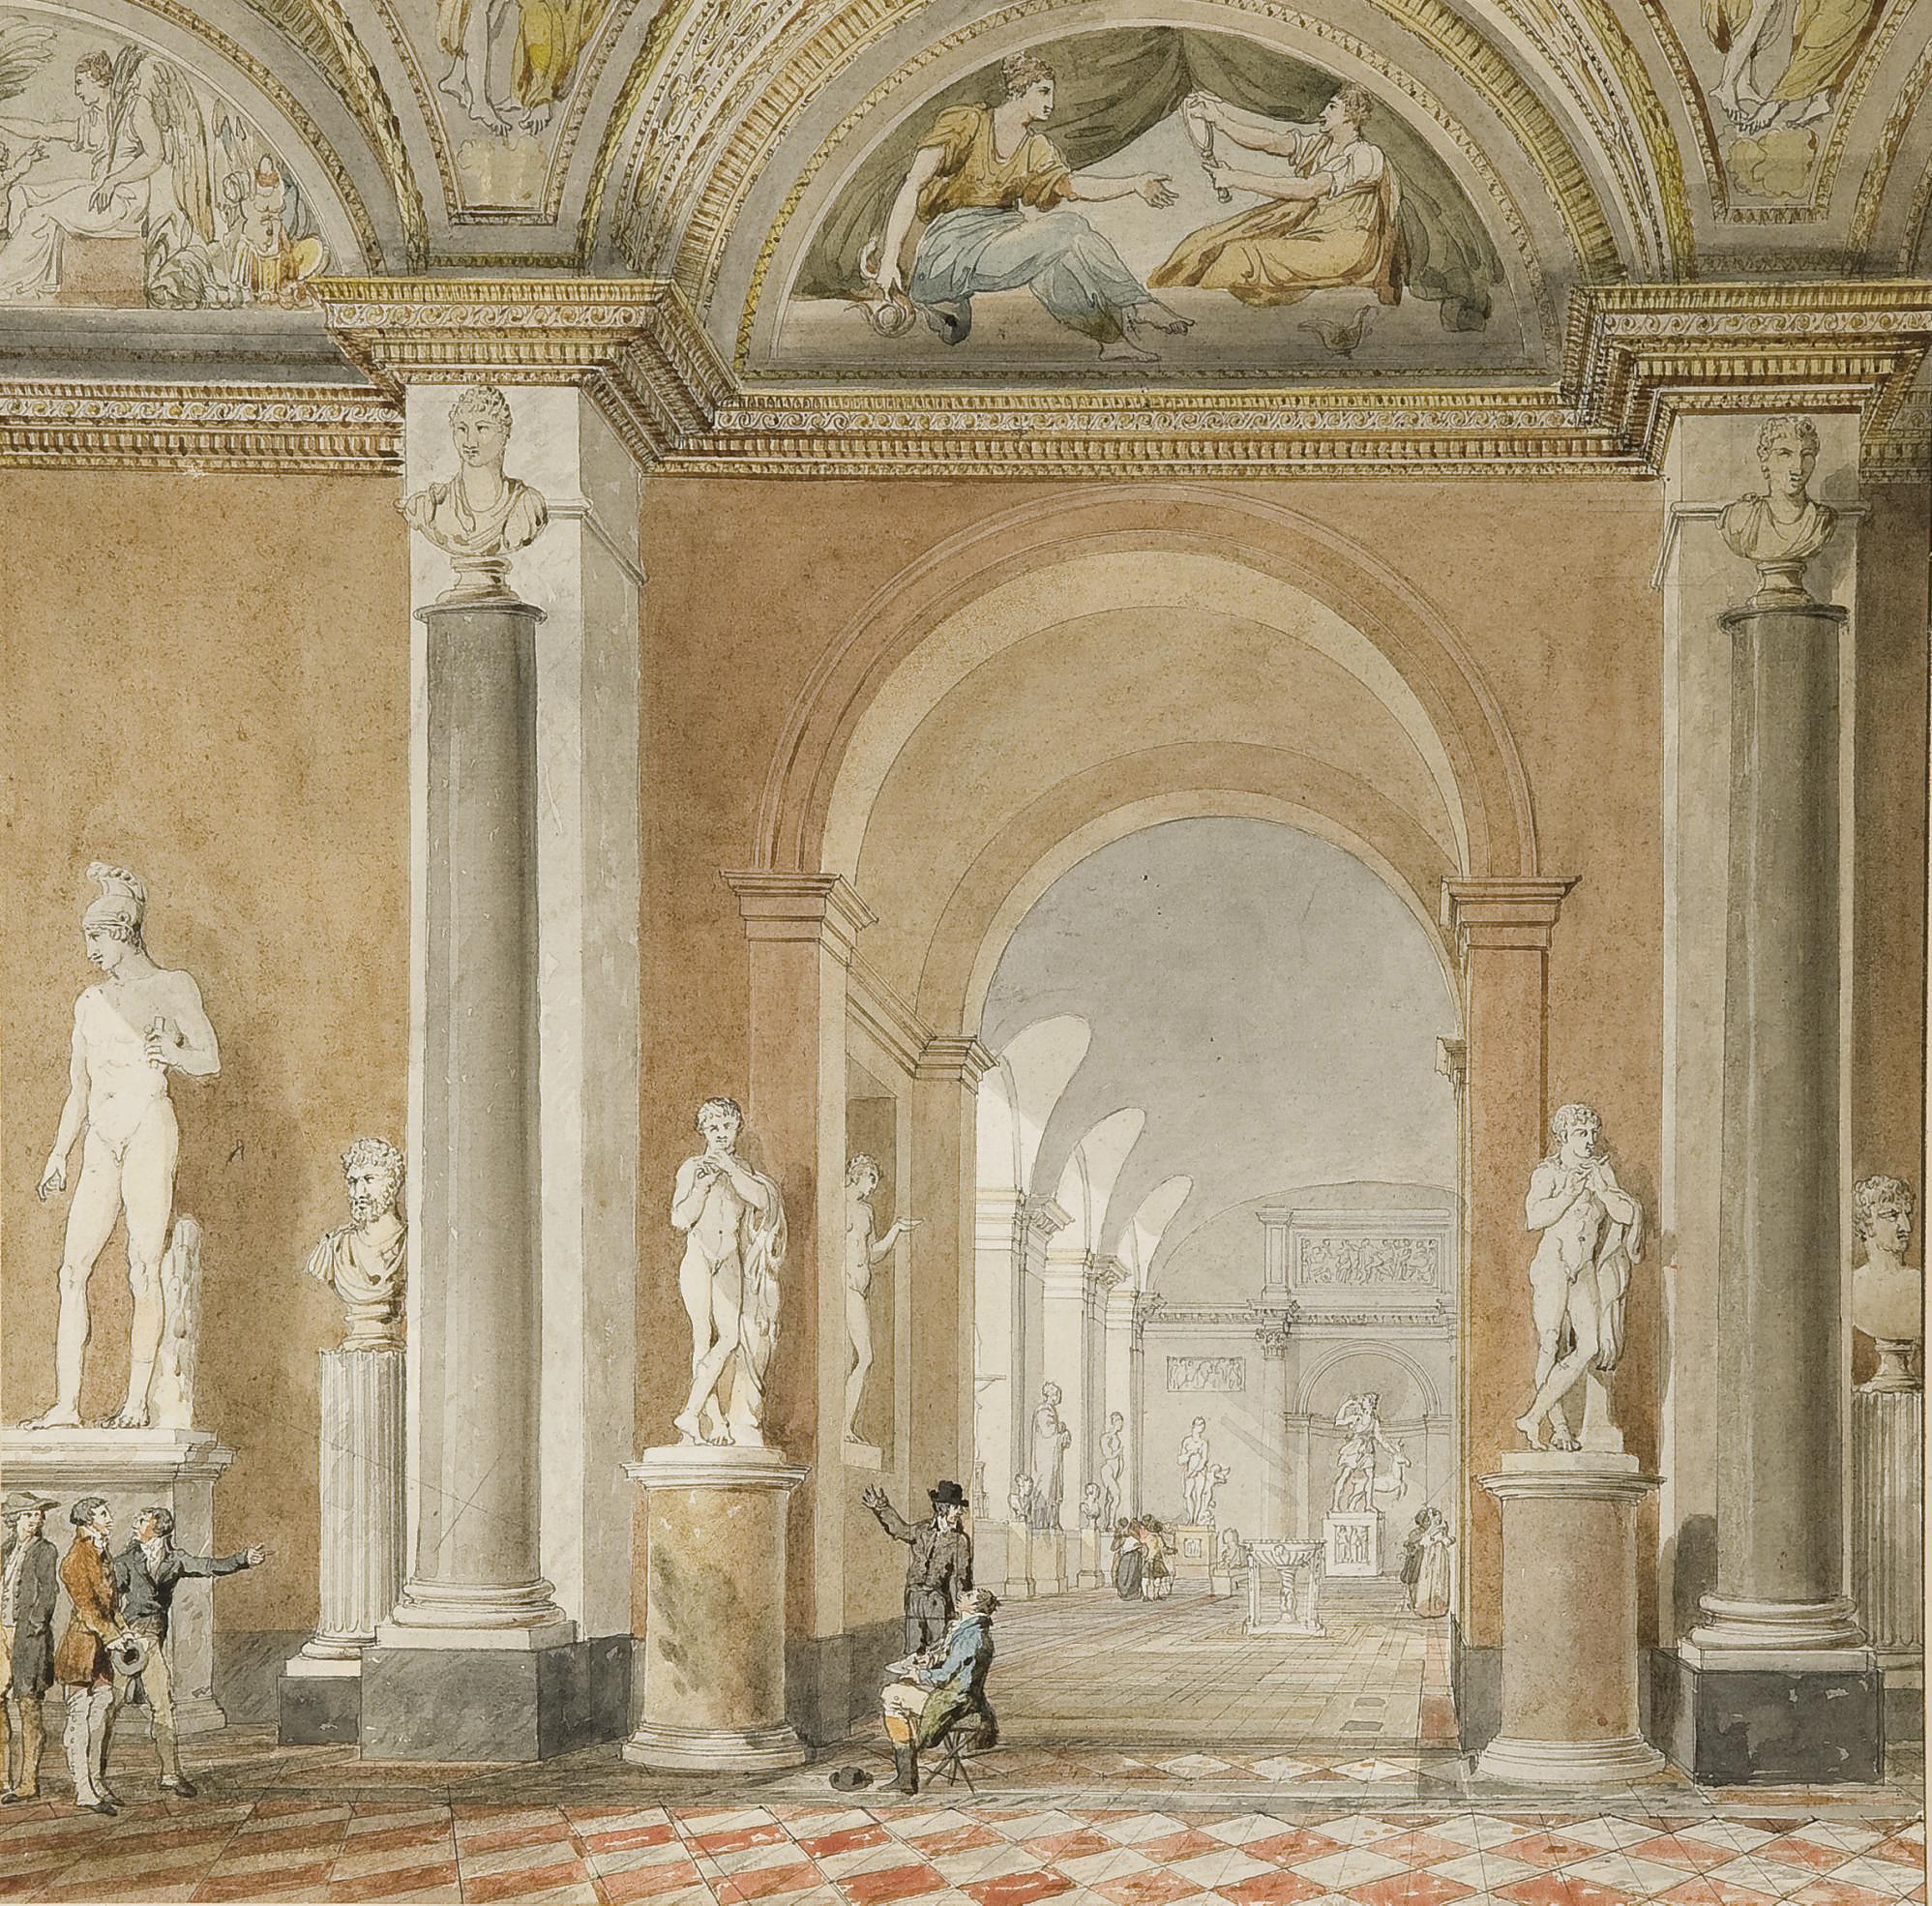 L'ancienne salle de l'Apollon du Belvédère au Louvre